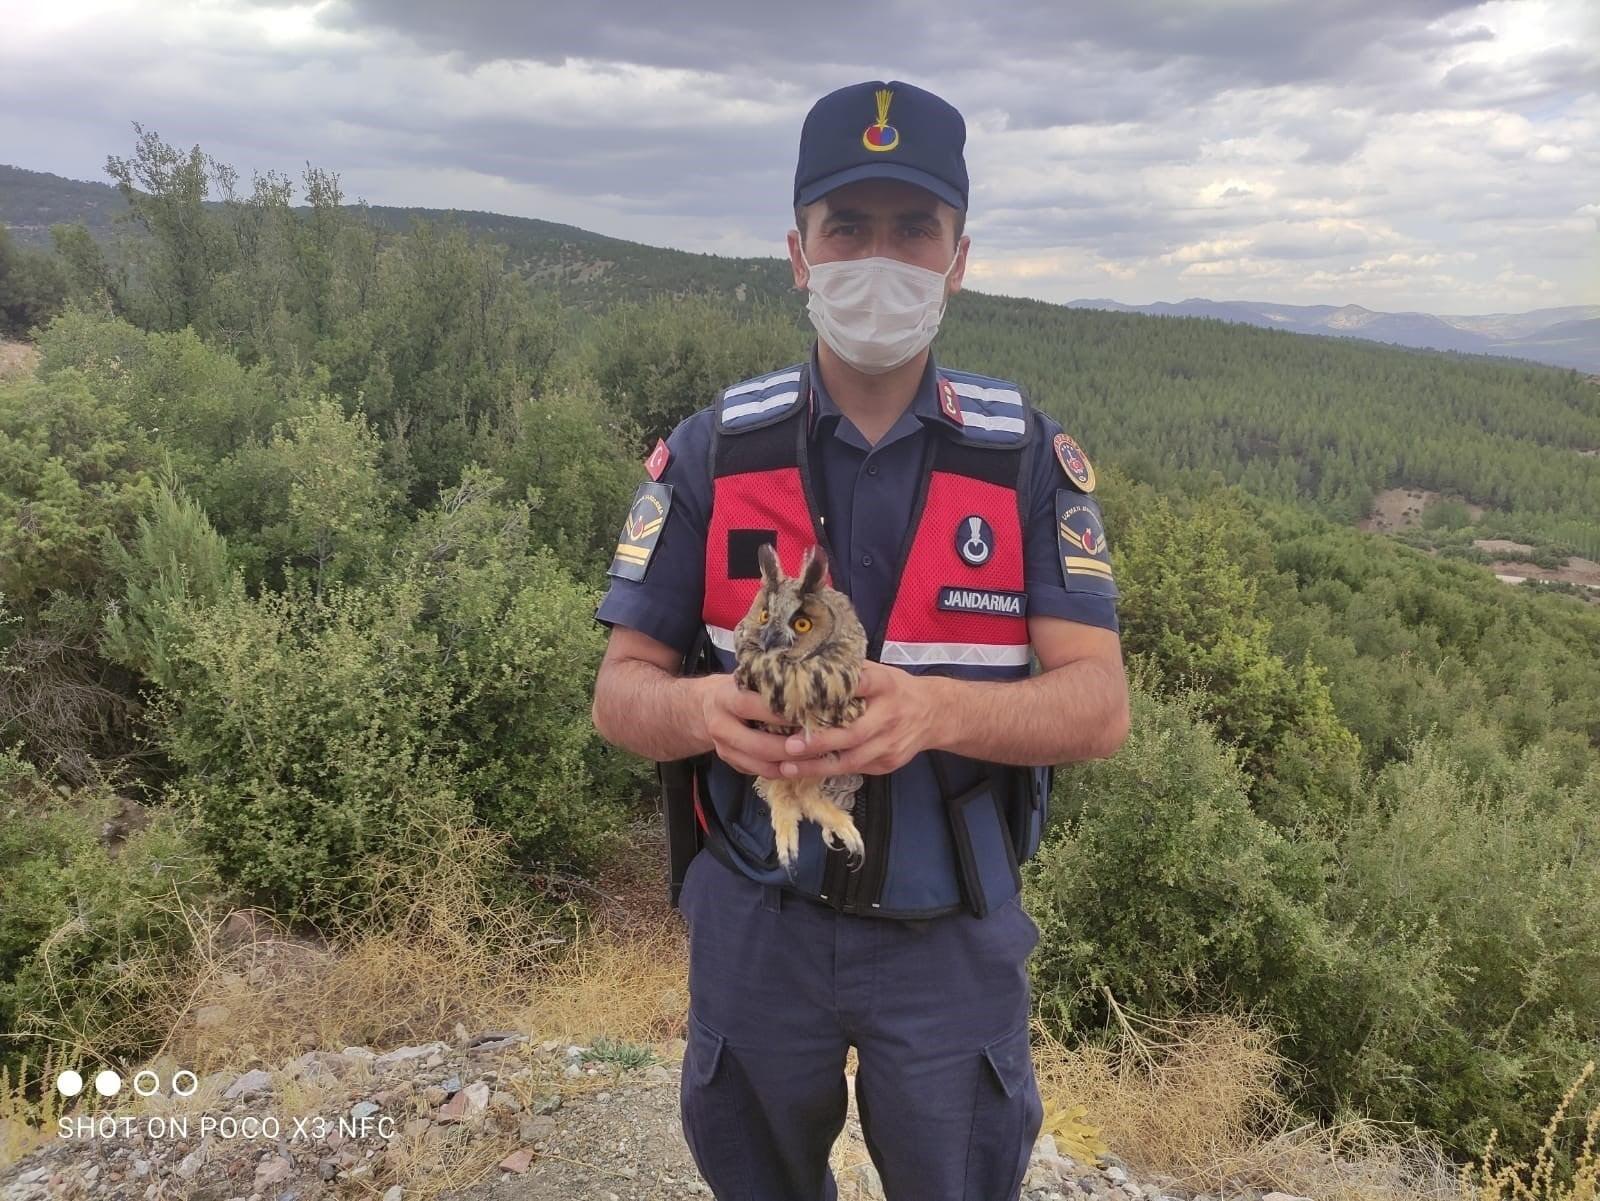 Burdur'da yaralı baykuşu jandarma kurtardı #burdur